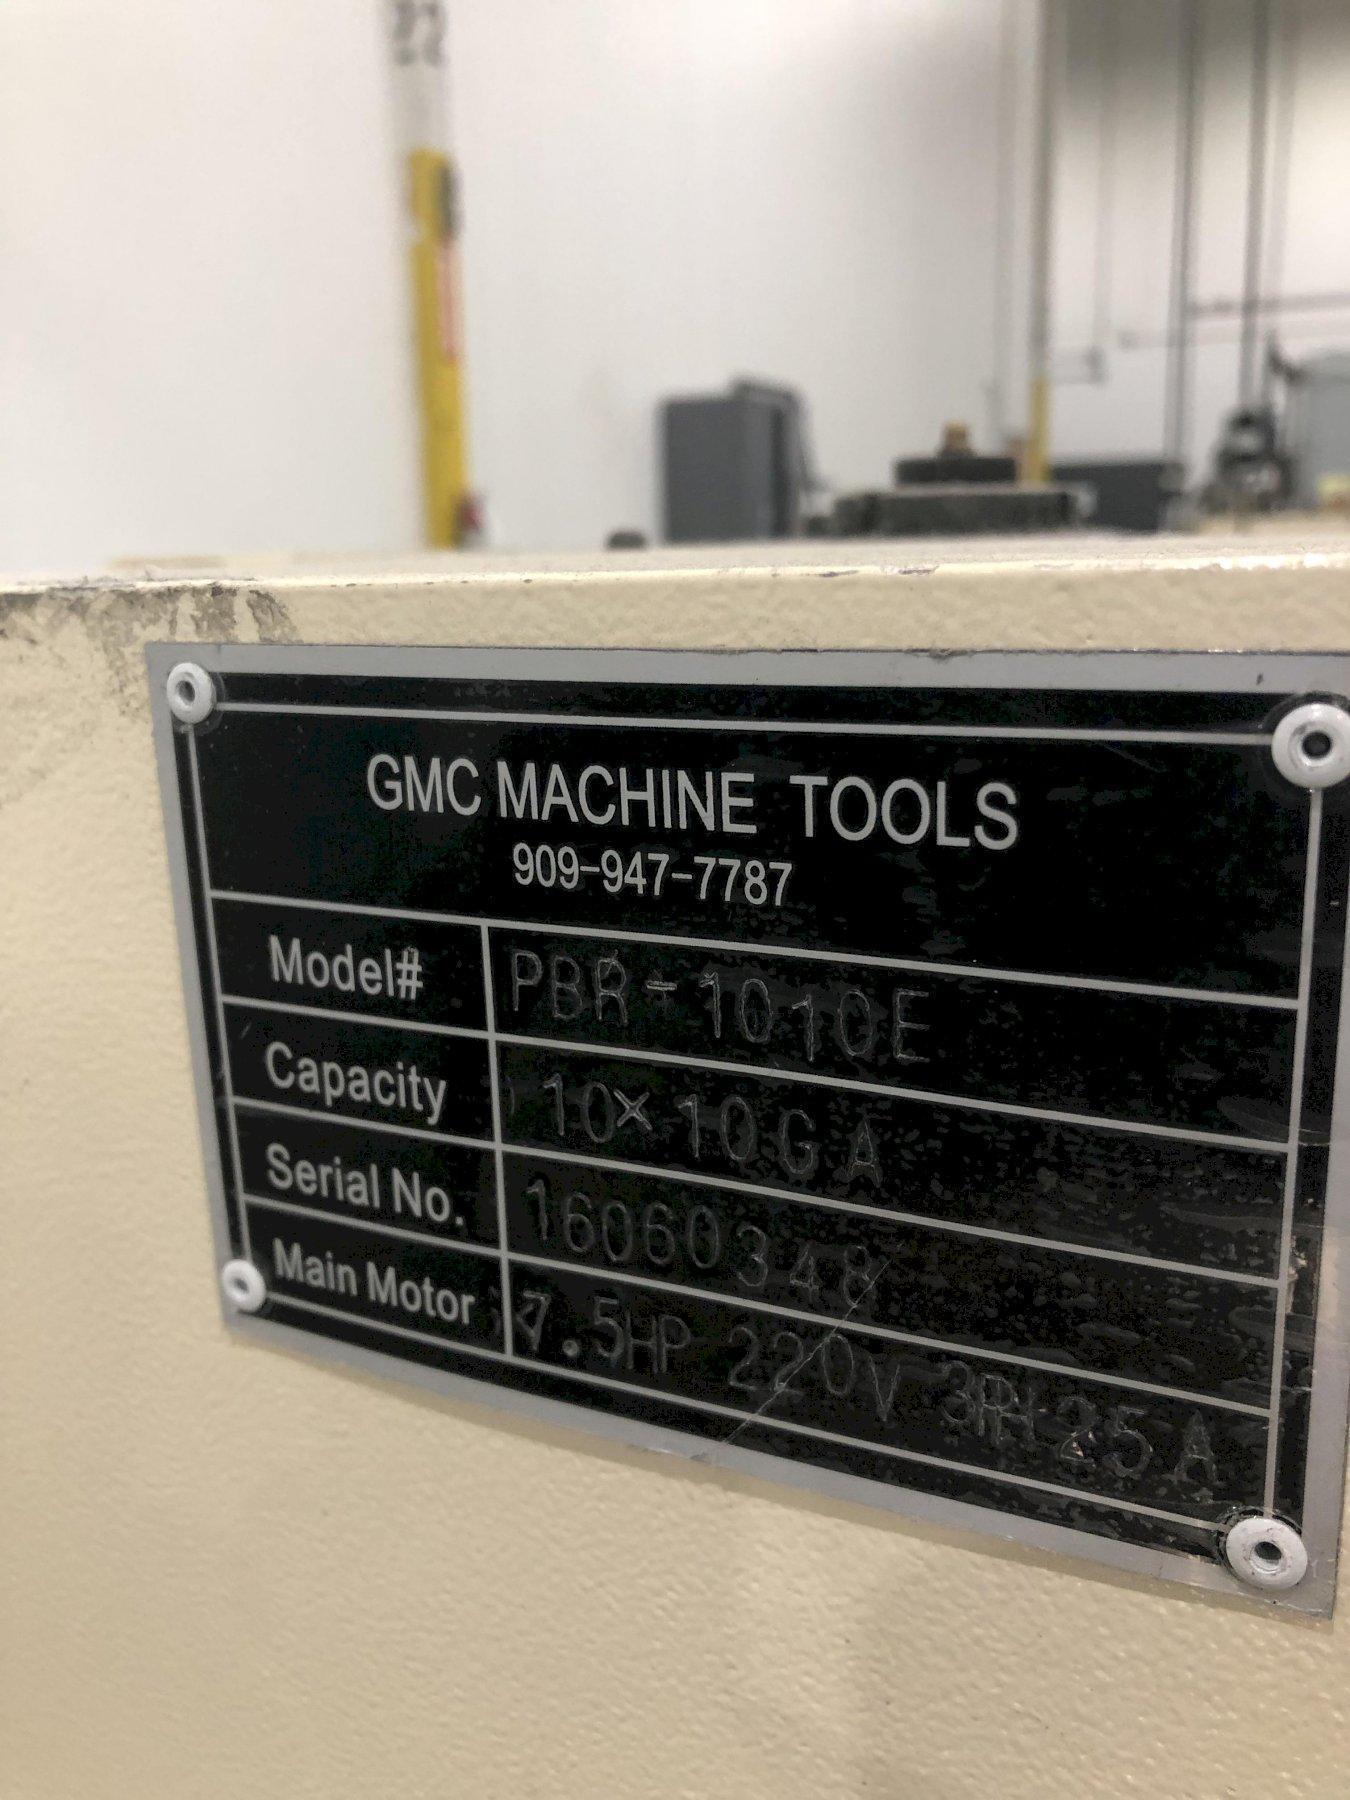 10' X 10 GAUGE GMC MODEL #PBR-1010E POWER PLATE BENDING ROLL: STOCK #15071